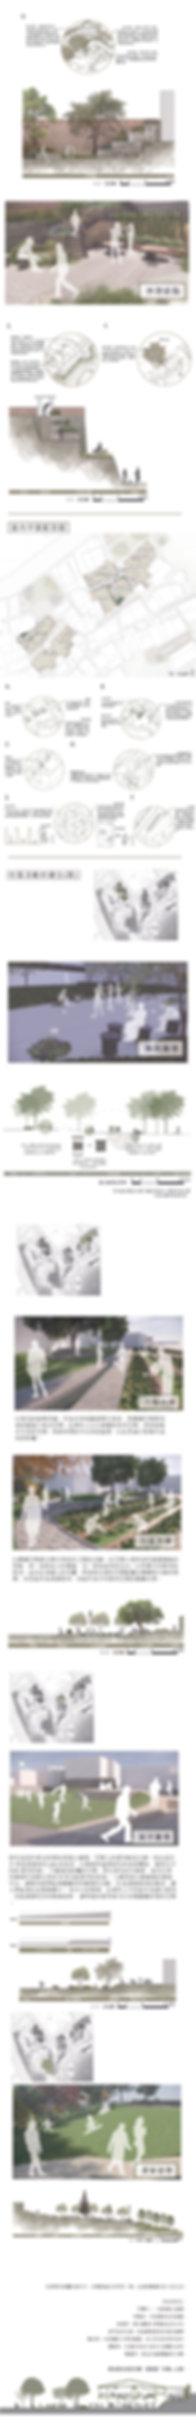 『落腳』山城-構築共享生活基地作品內容-02.jpg